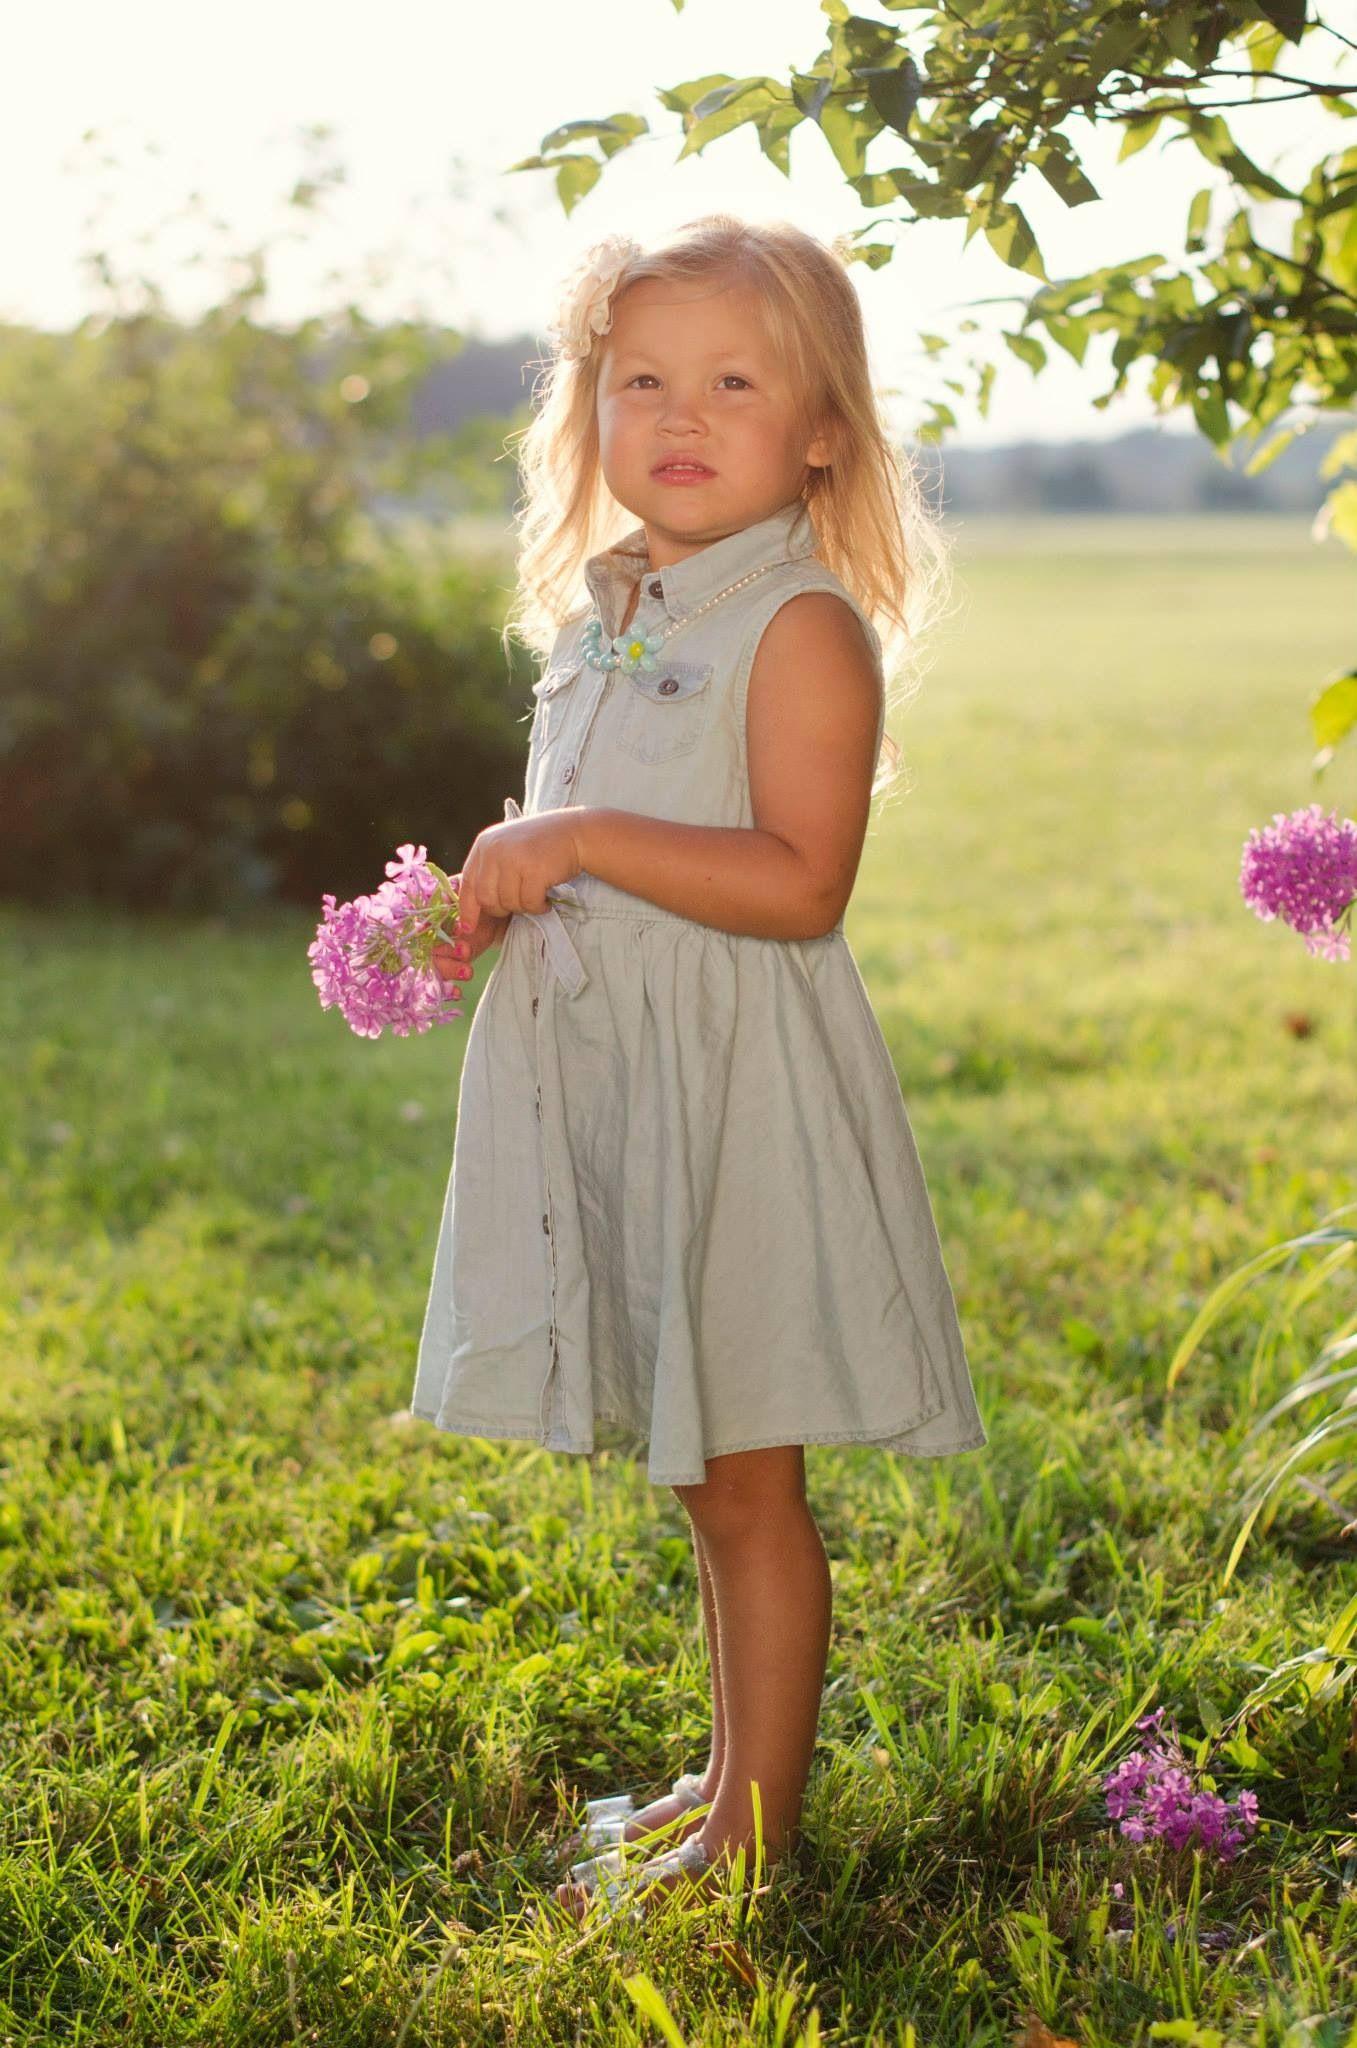 964928dae8 Girl portrait. Toddler. Country. Summer. Outside. Light colors. Denim dress.  Ivory. Sunny. Flowers.  photography  family  Babygirl  girl  toddler   daughter